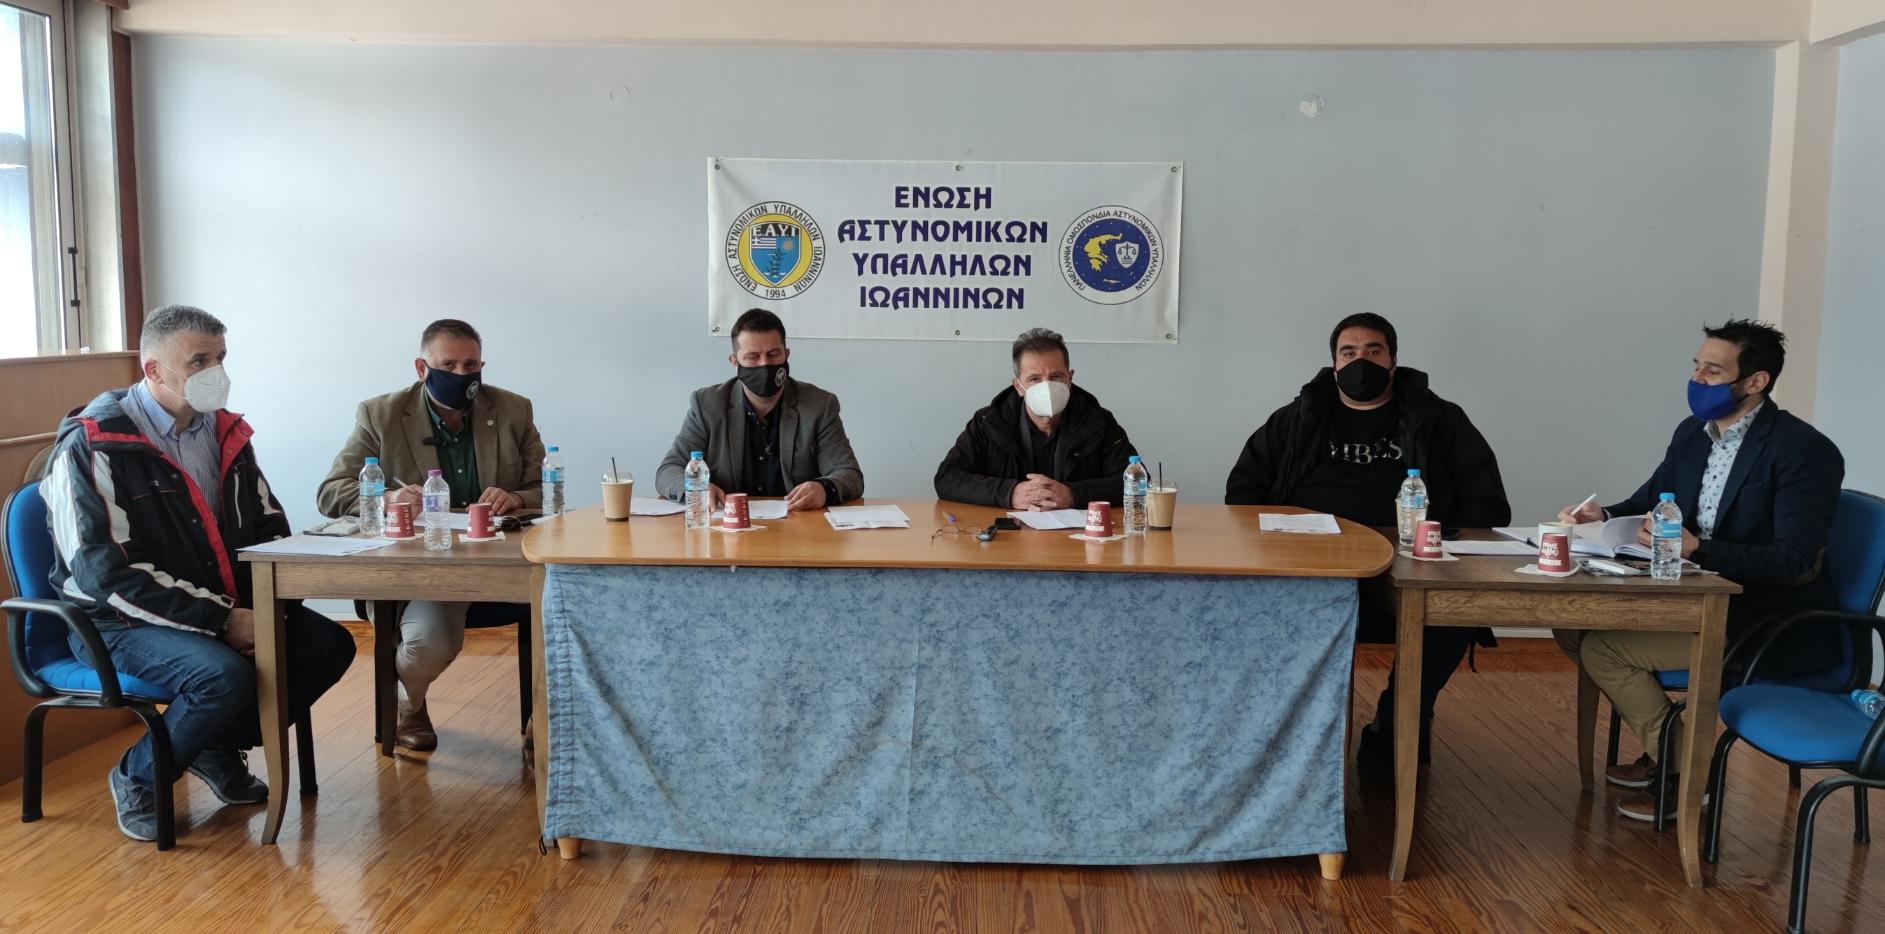 Έμειναν με τις προεκλογικές υποσχέσεις οι Αστυνομικοί  της Ελληνολβανικής μεθορίου  ......